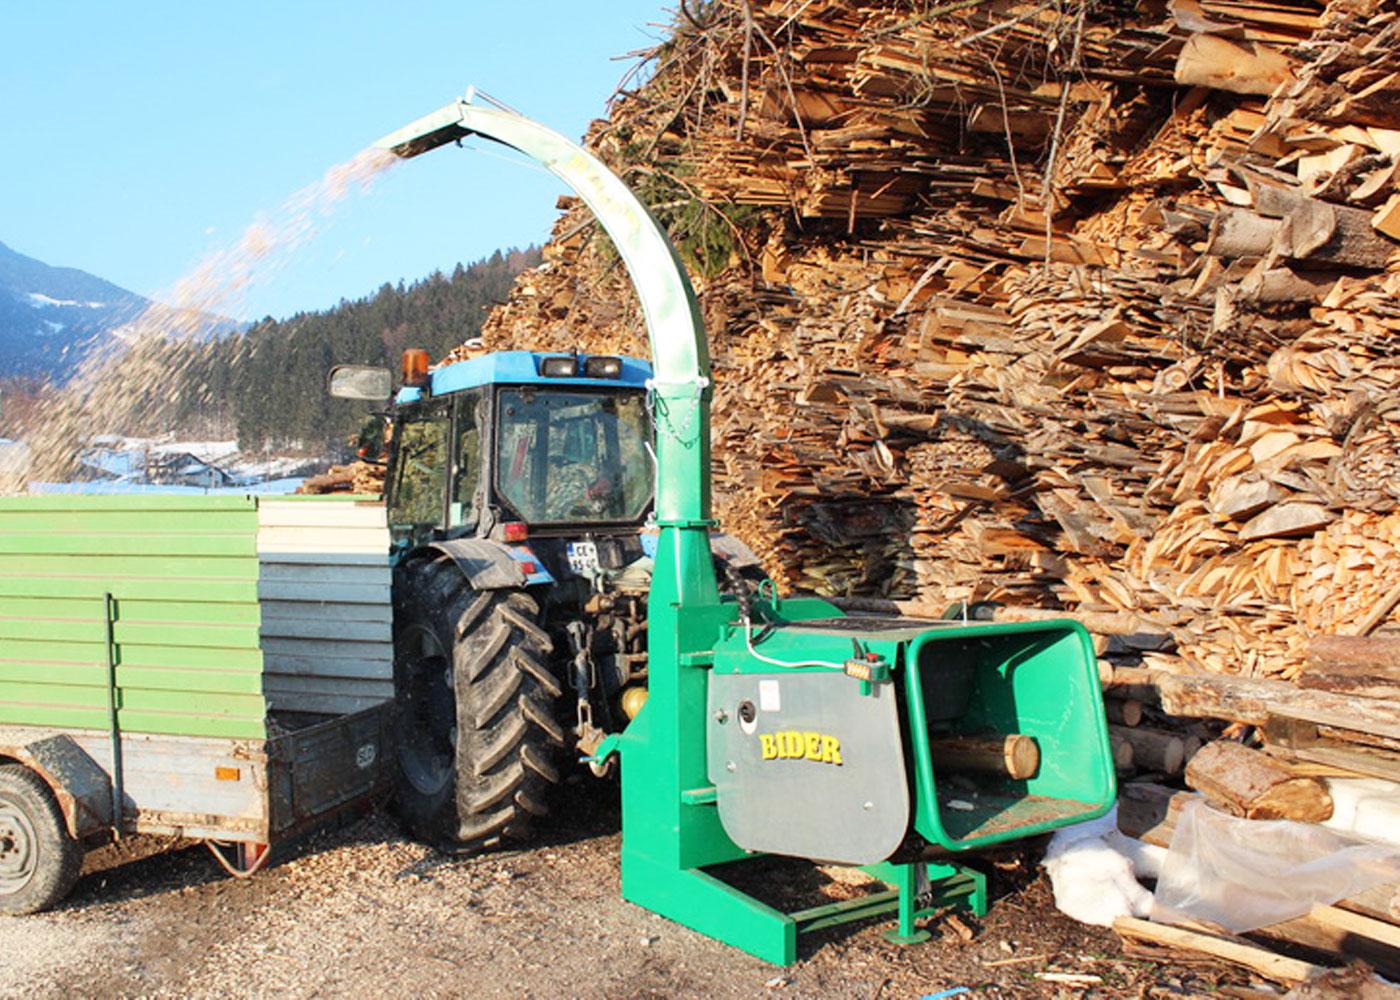 Traktorski sekalnik lesa Bider TS 20